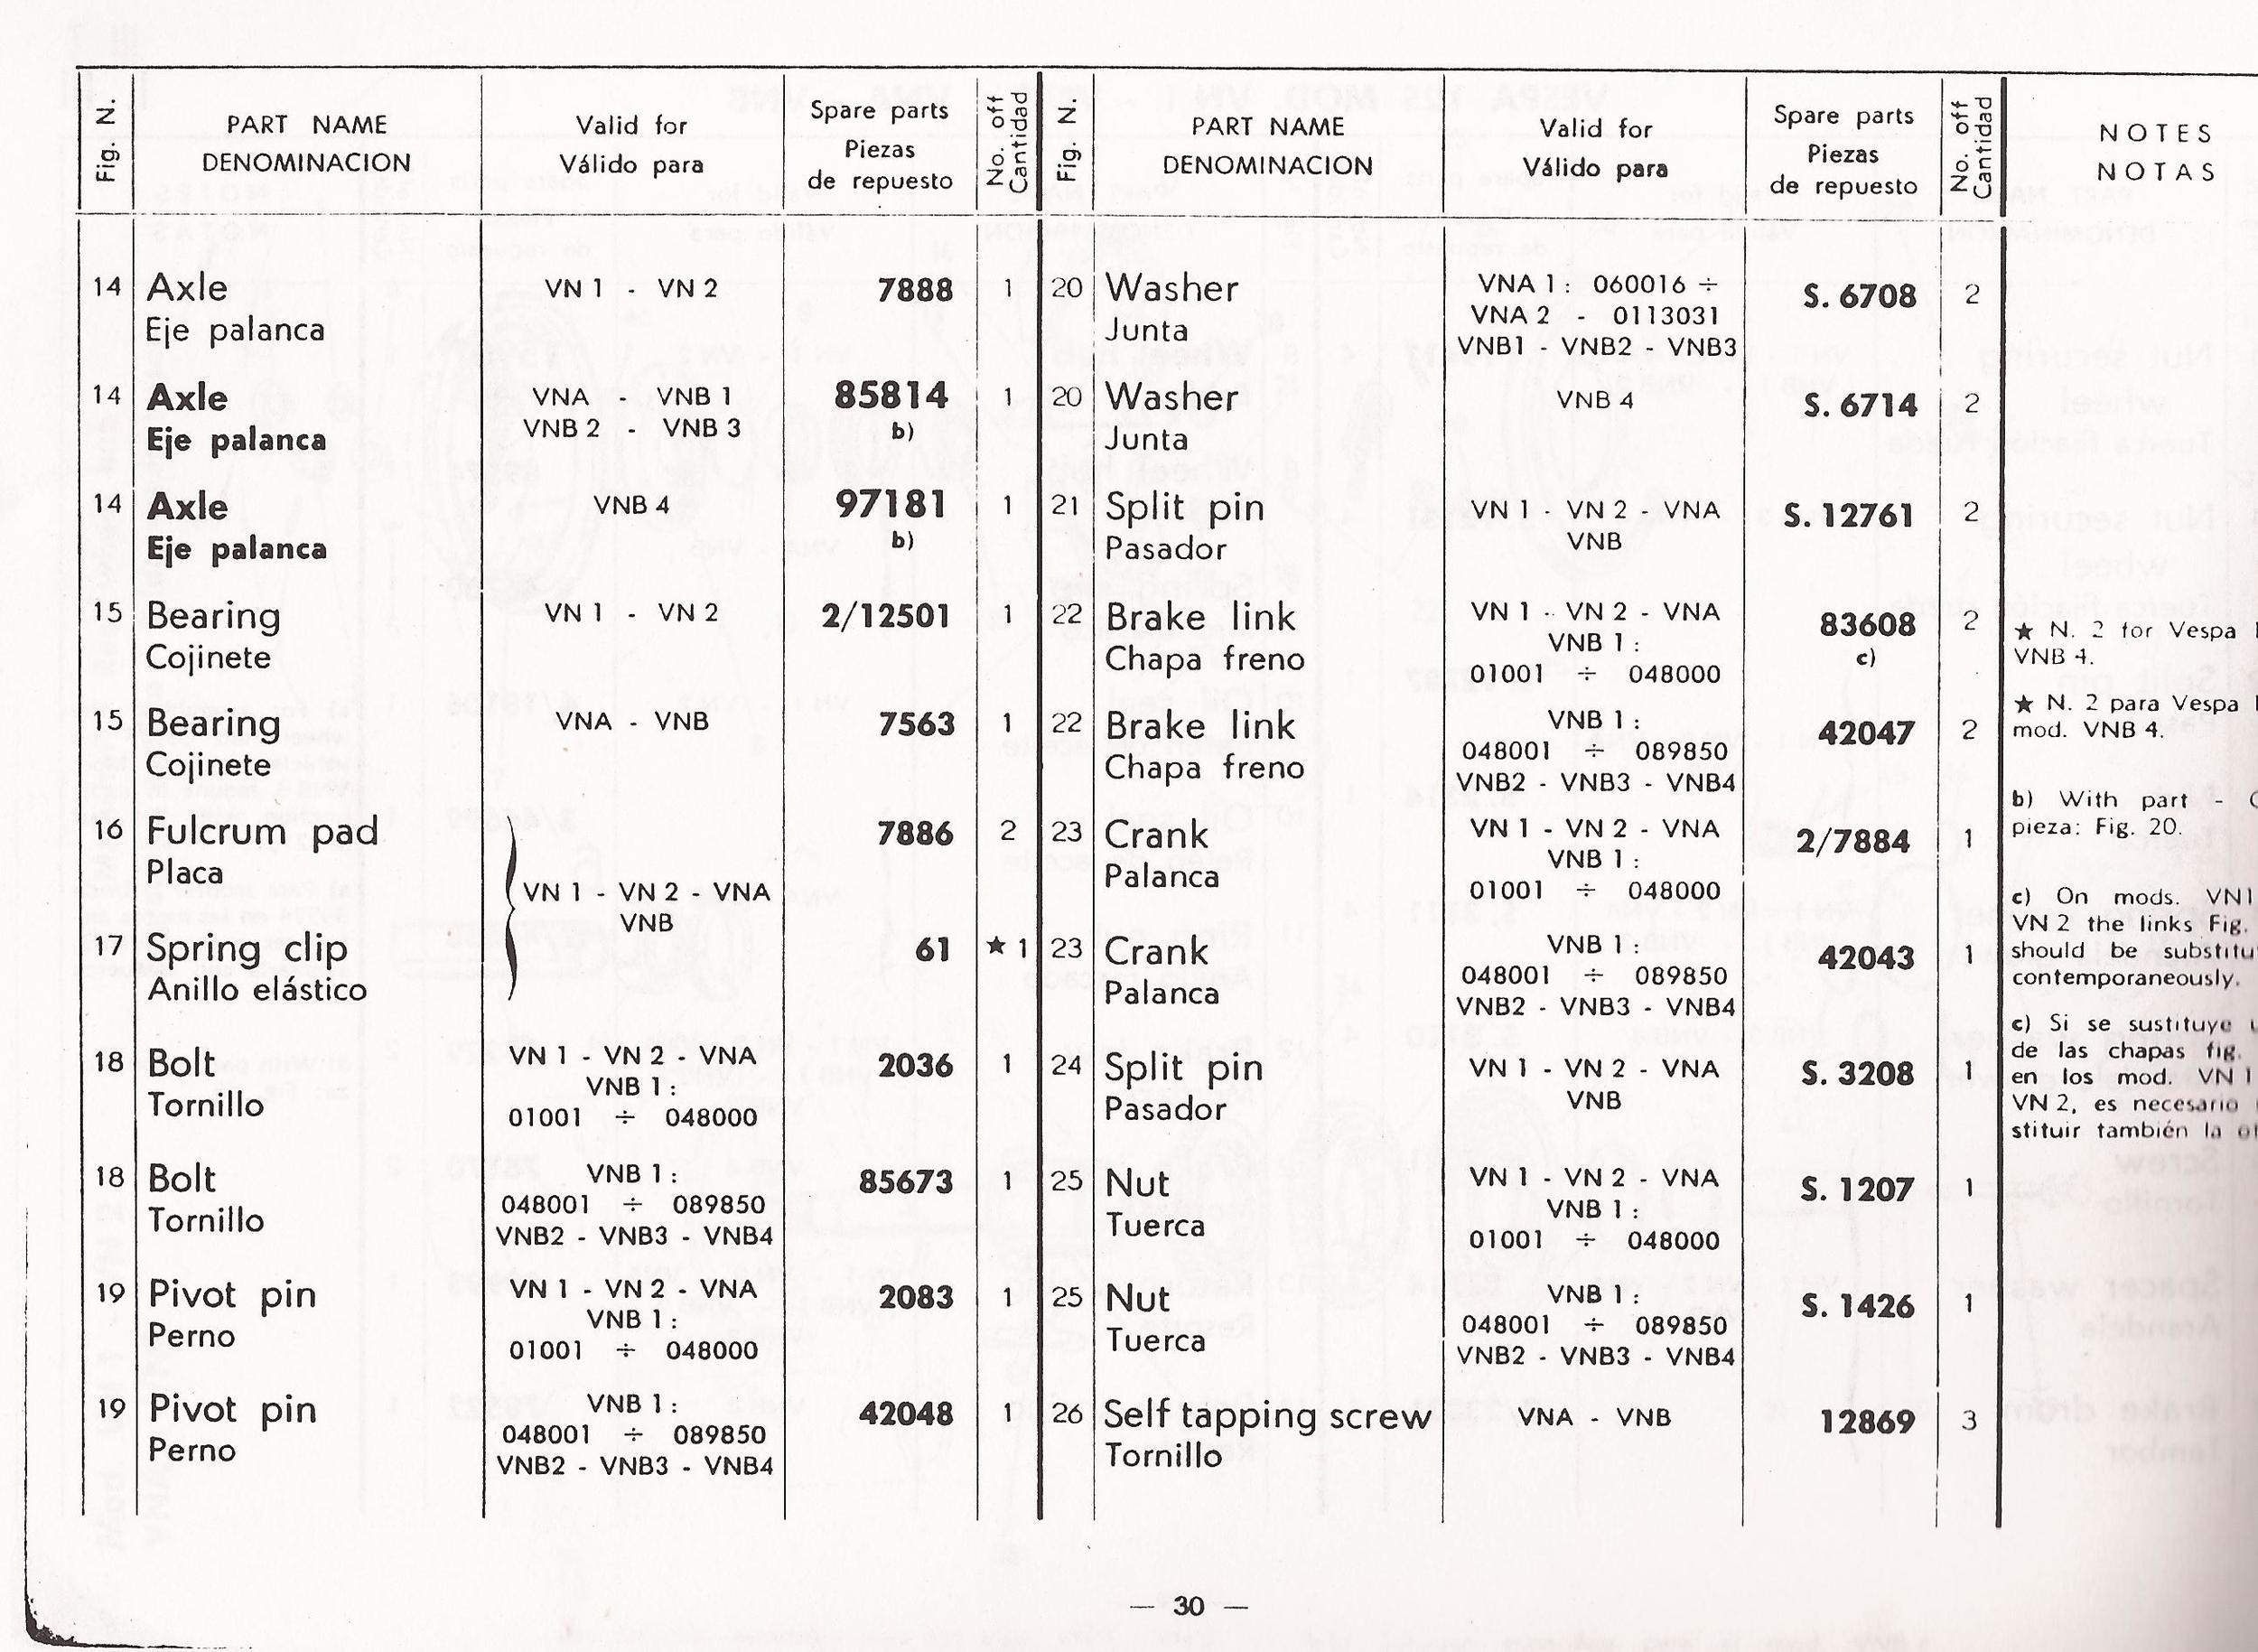 07-16-2013 vespa 125 catalog manuel 33.jpg